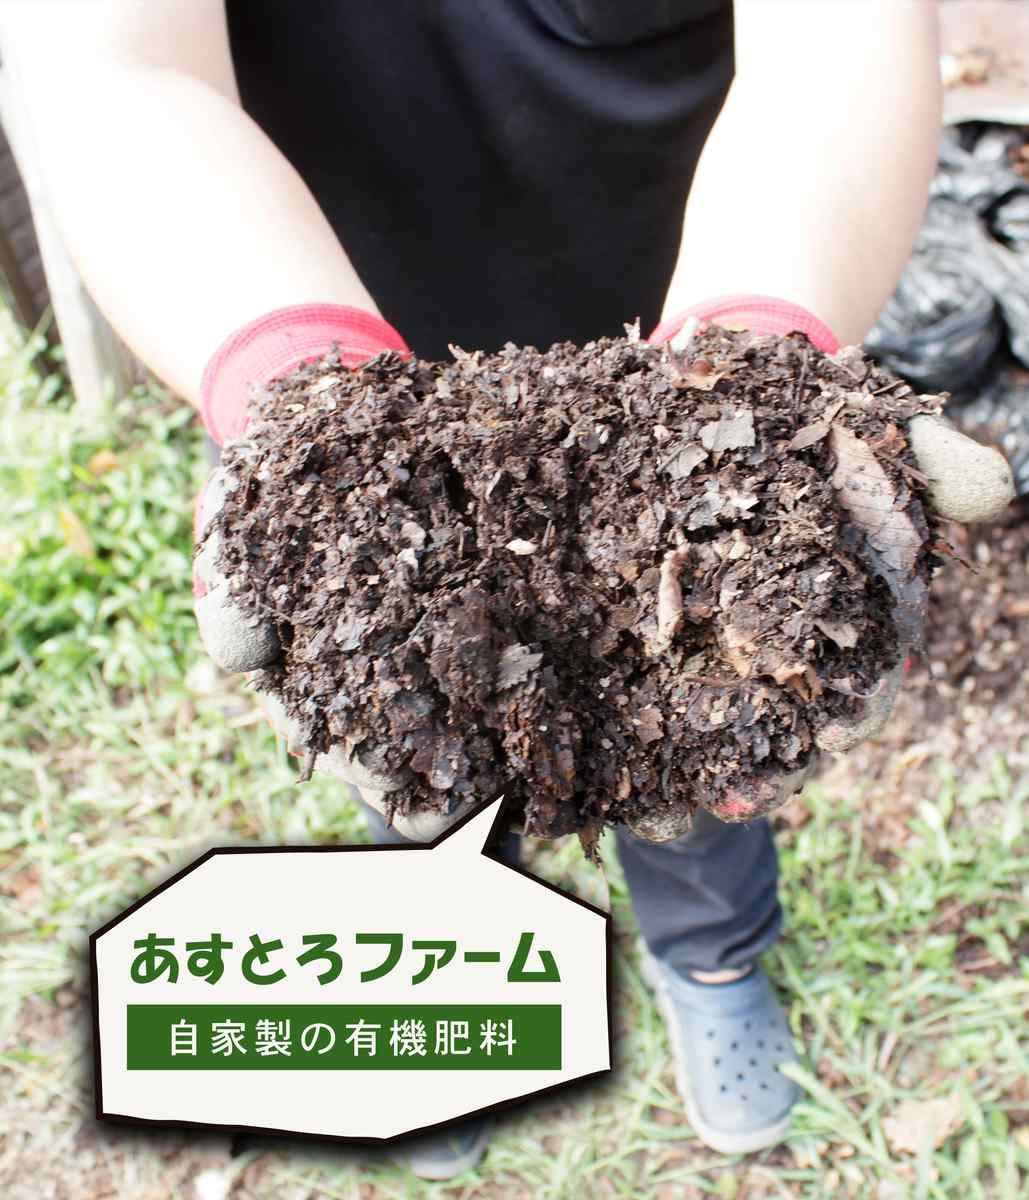 あすとろファーム自家製の有機肥料